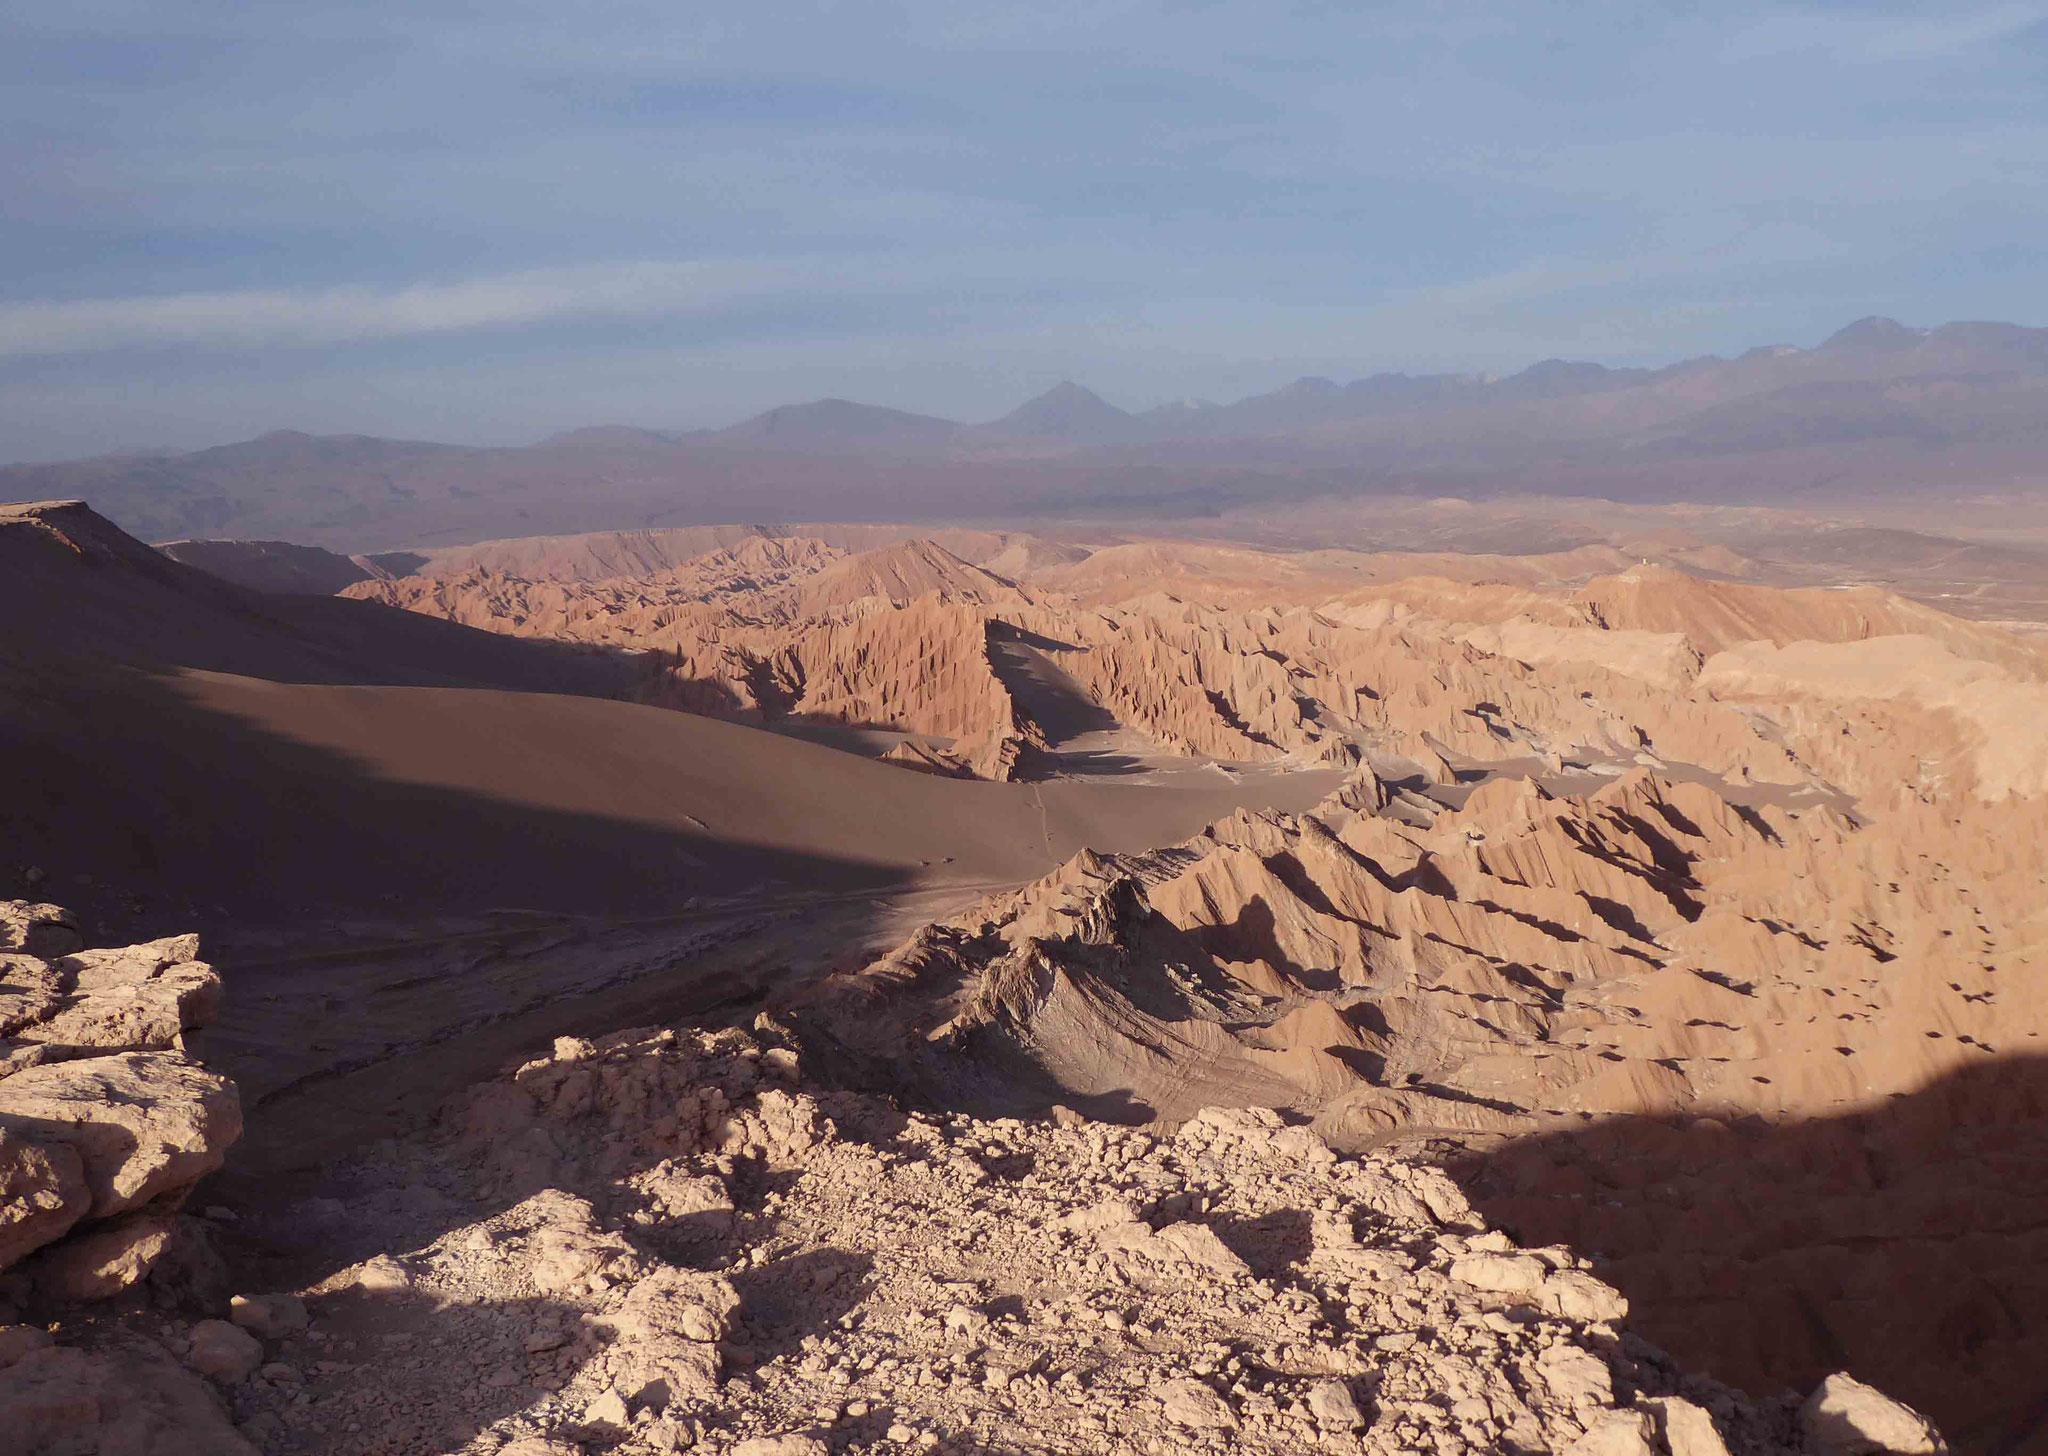 Vallée remarquable... de la Muerte (appelée autrefois vallée de Mars)